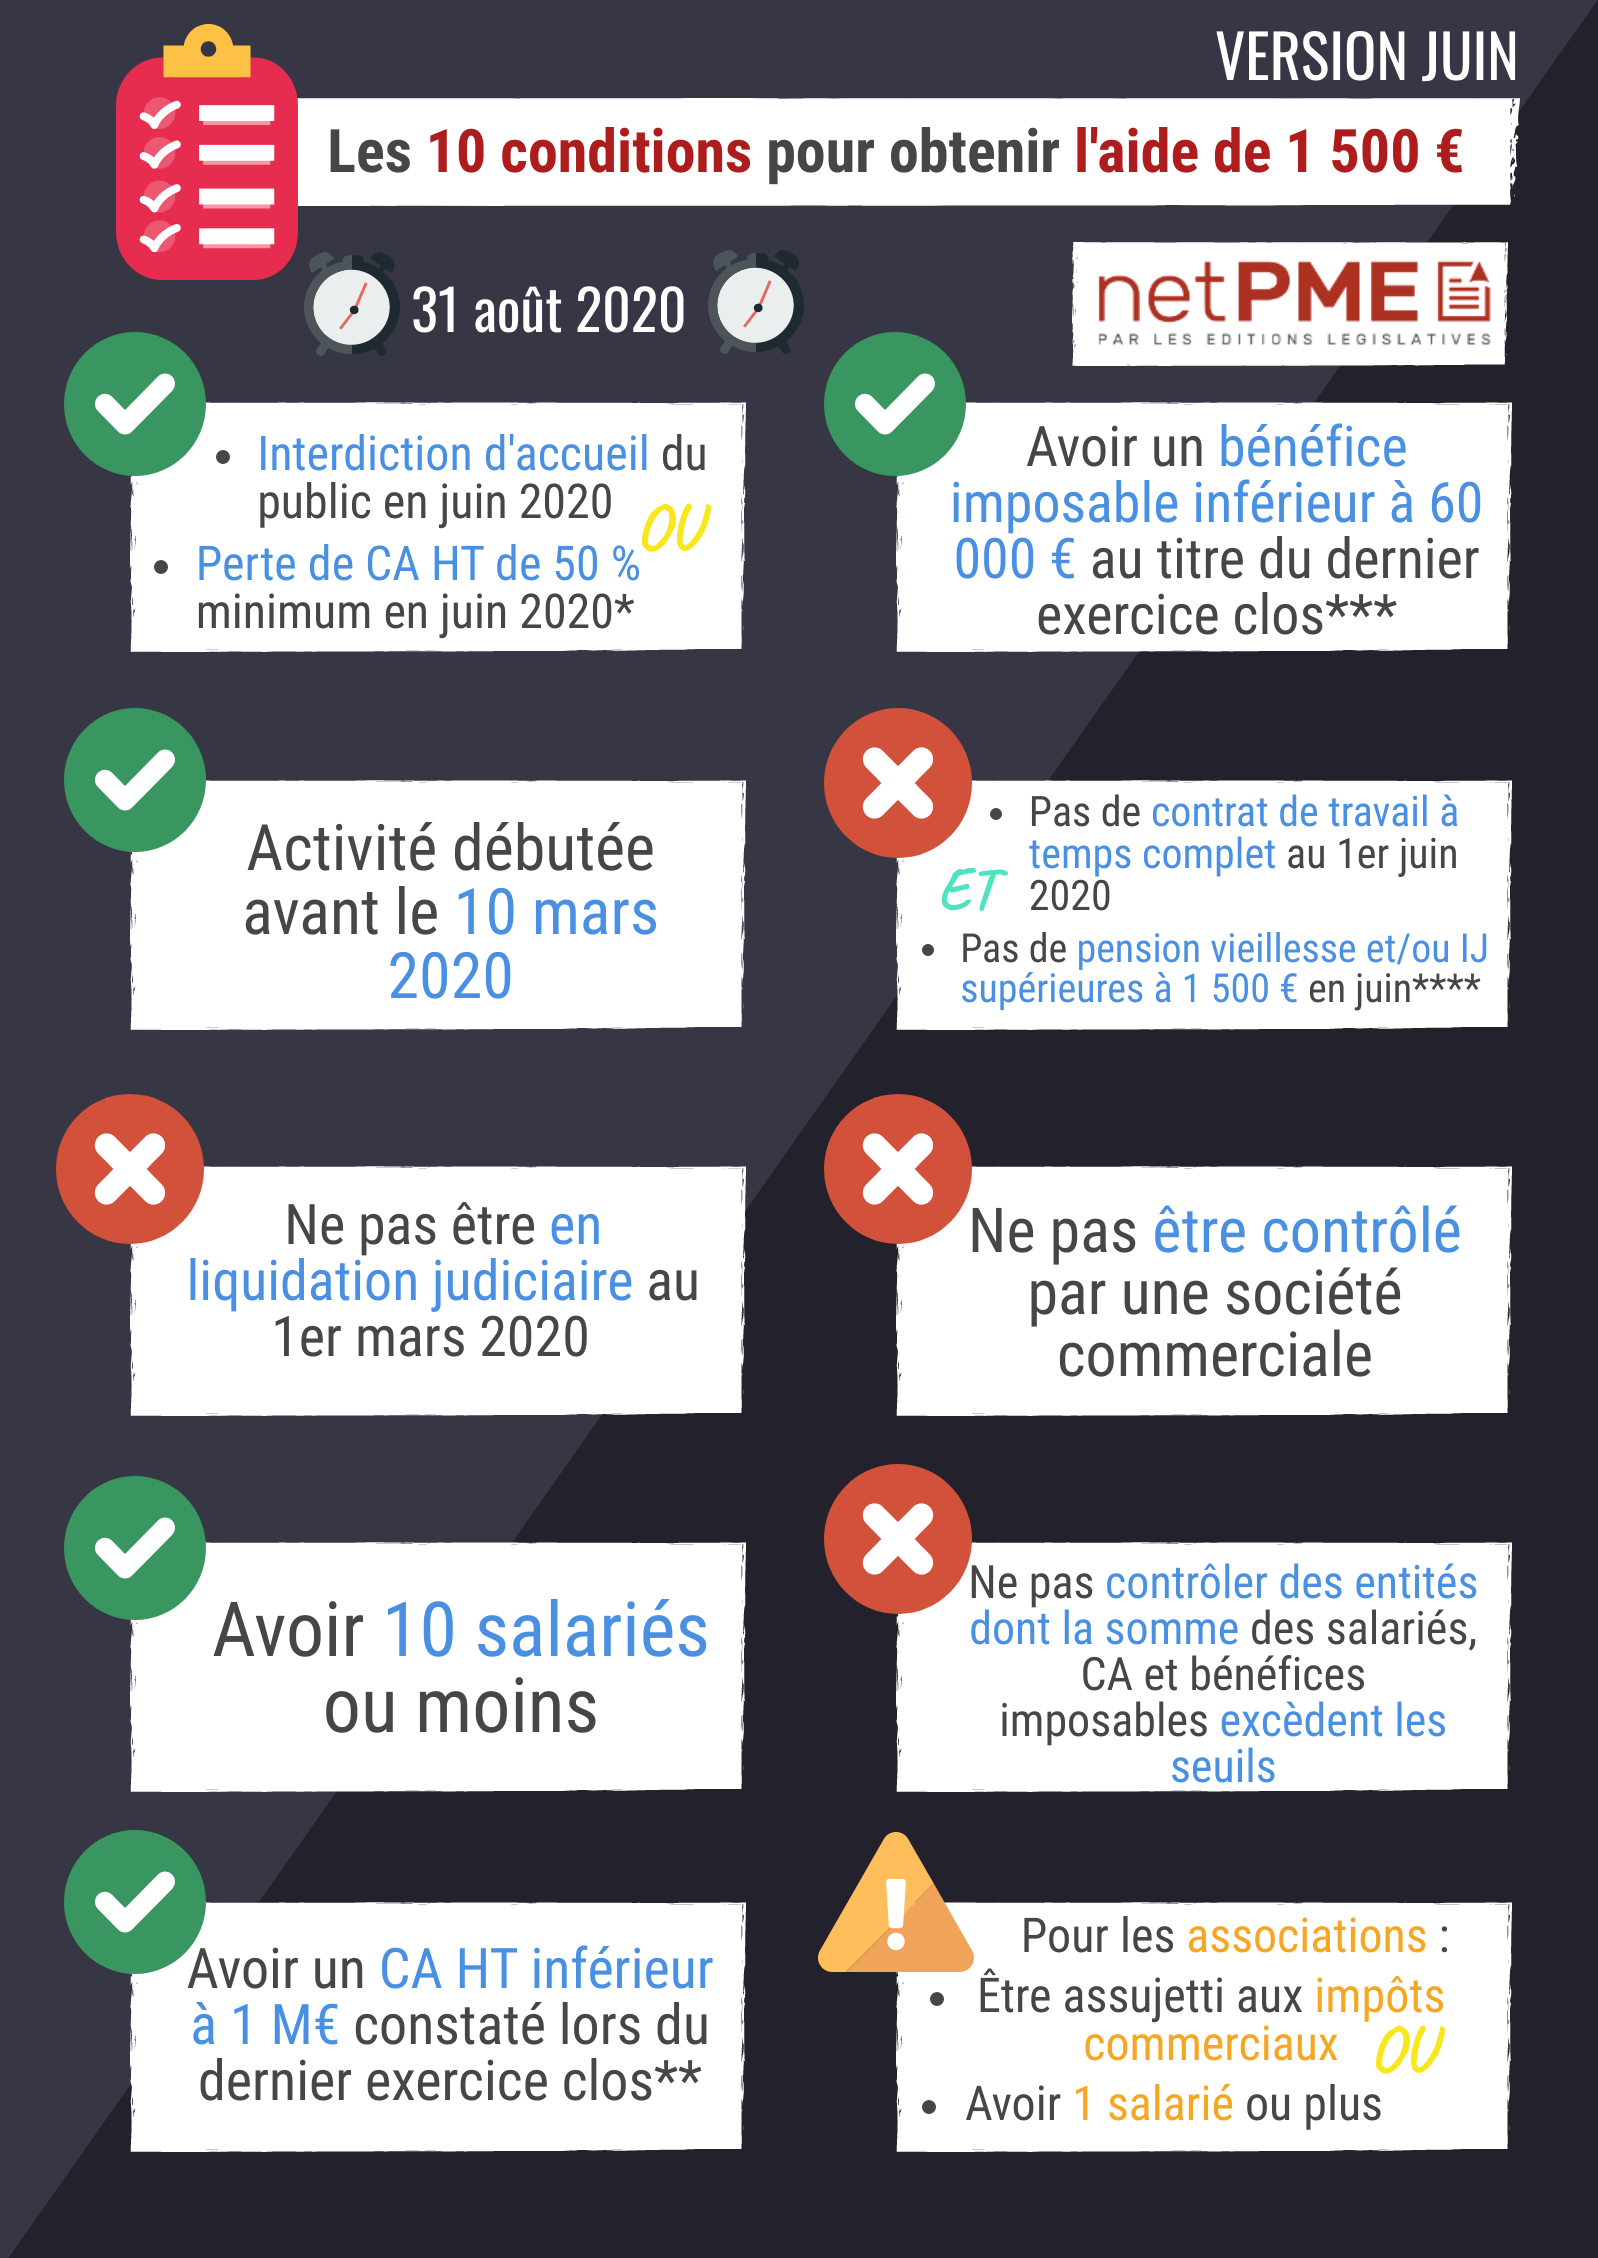 fonds de solidarité premier volet juin TPE netpme.fr covid-19